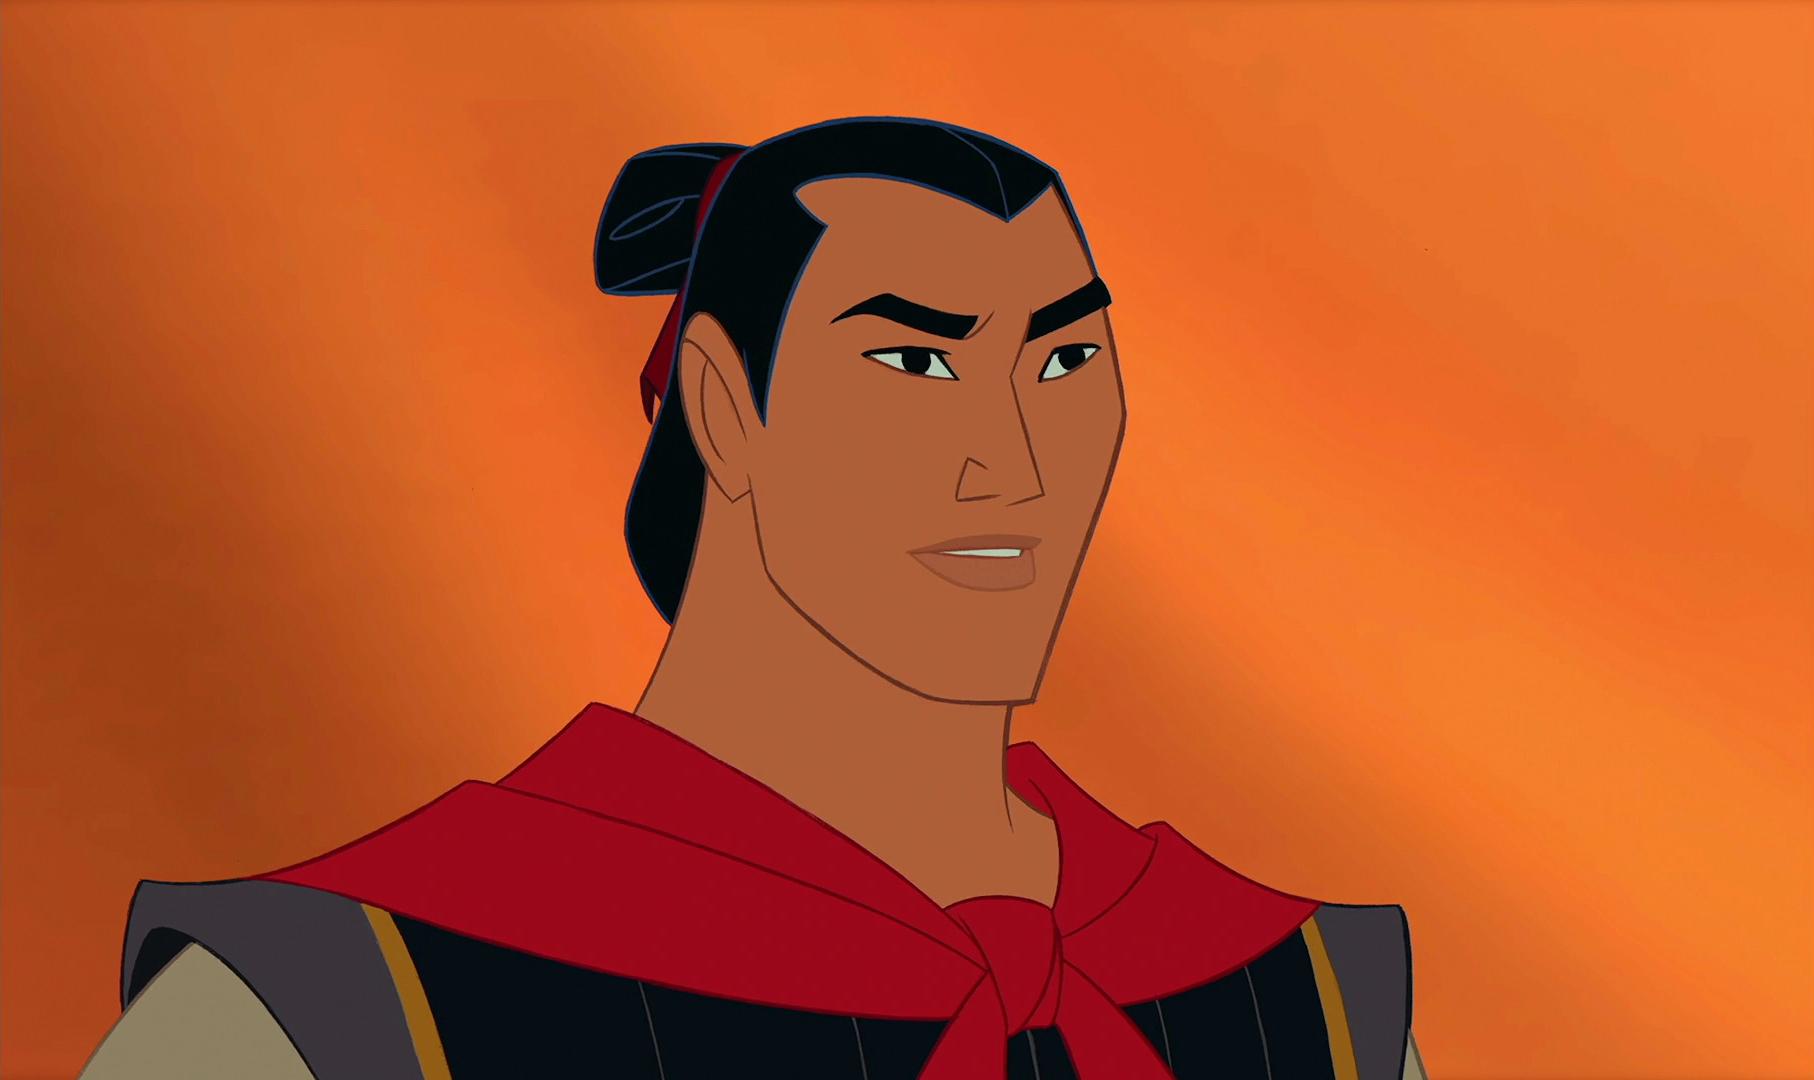 Li Shang representa unos valores que no asumen la valentía y fuerza de la mujer